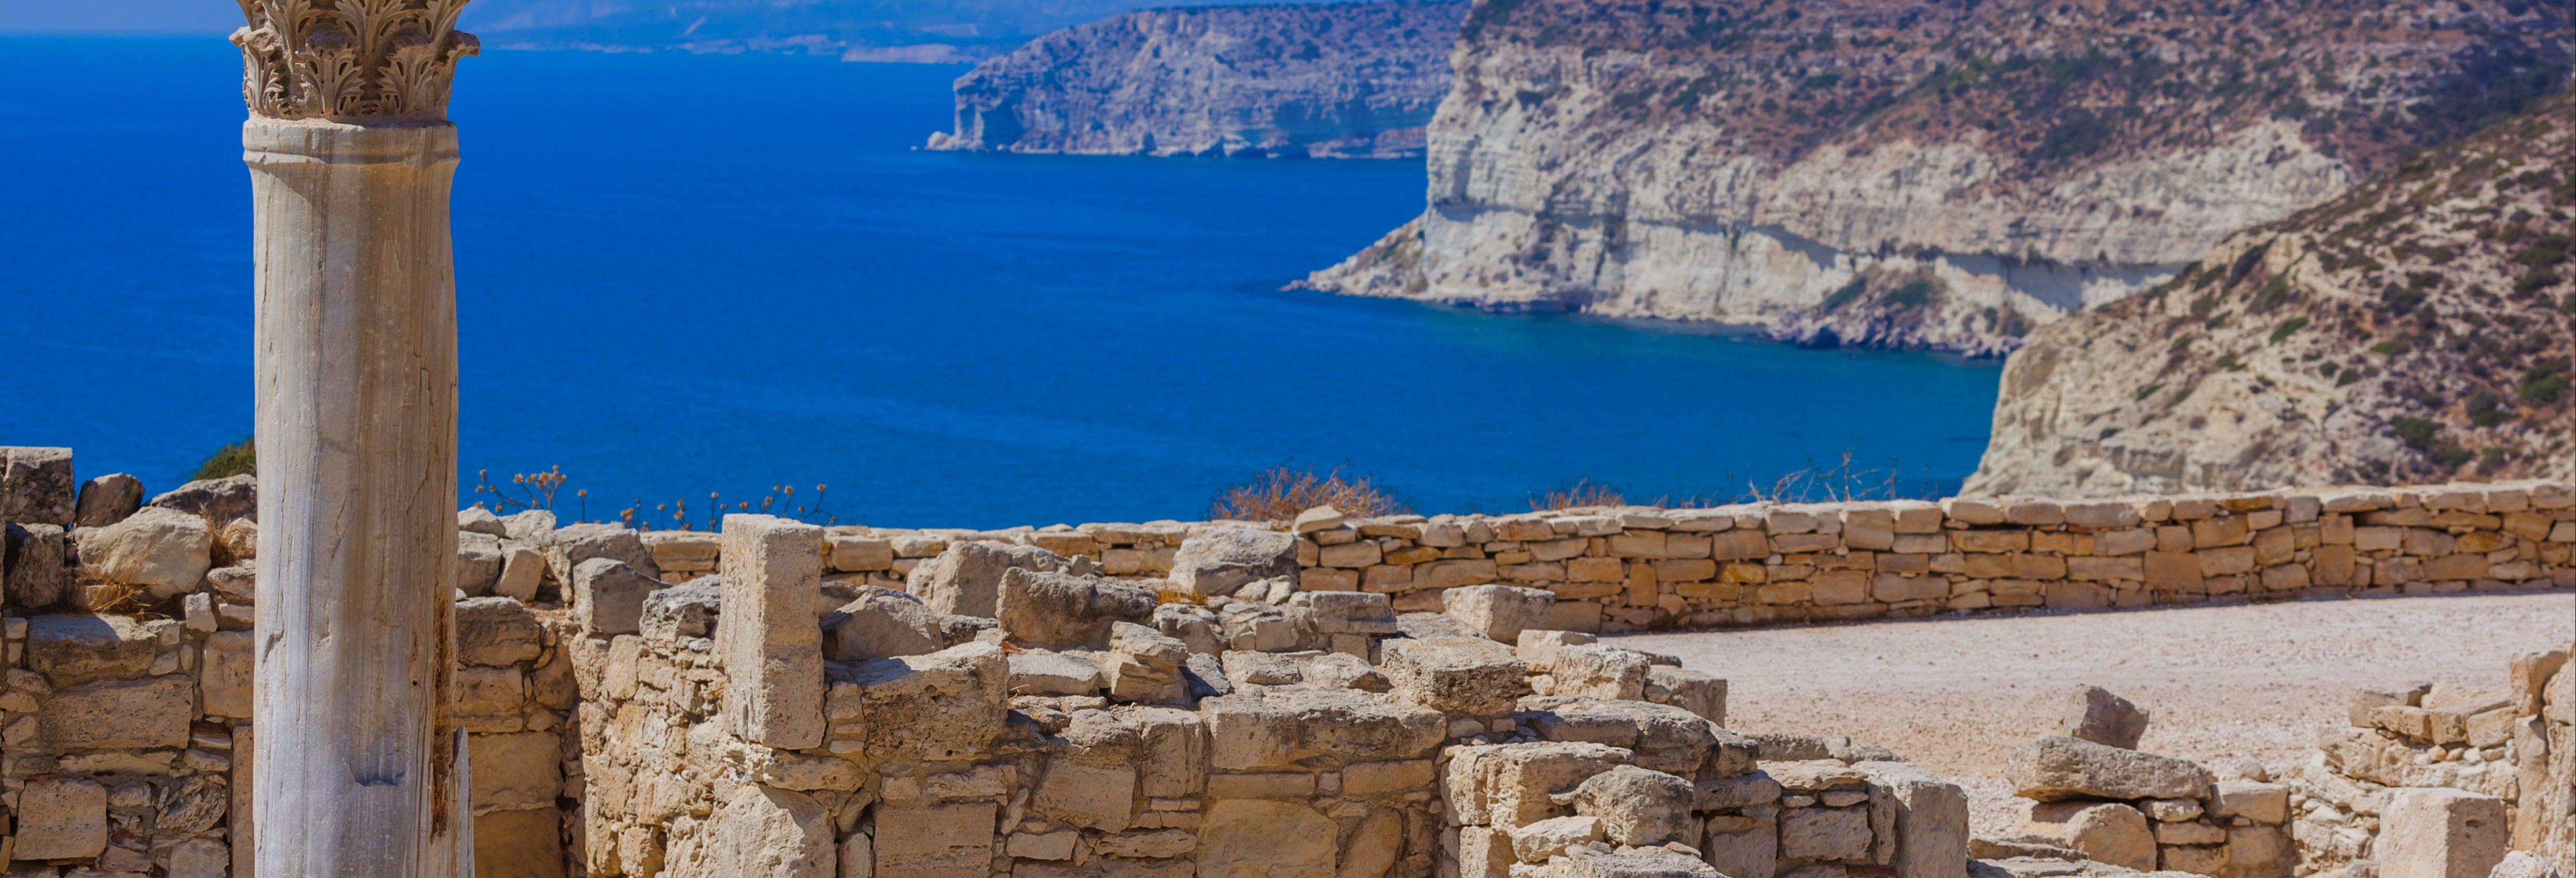 Excursão a Kourion, Omodos e Koilani + Castelo de Kolossi